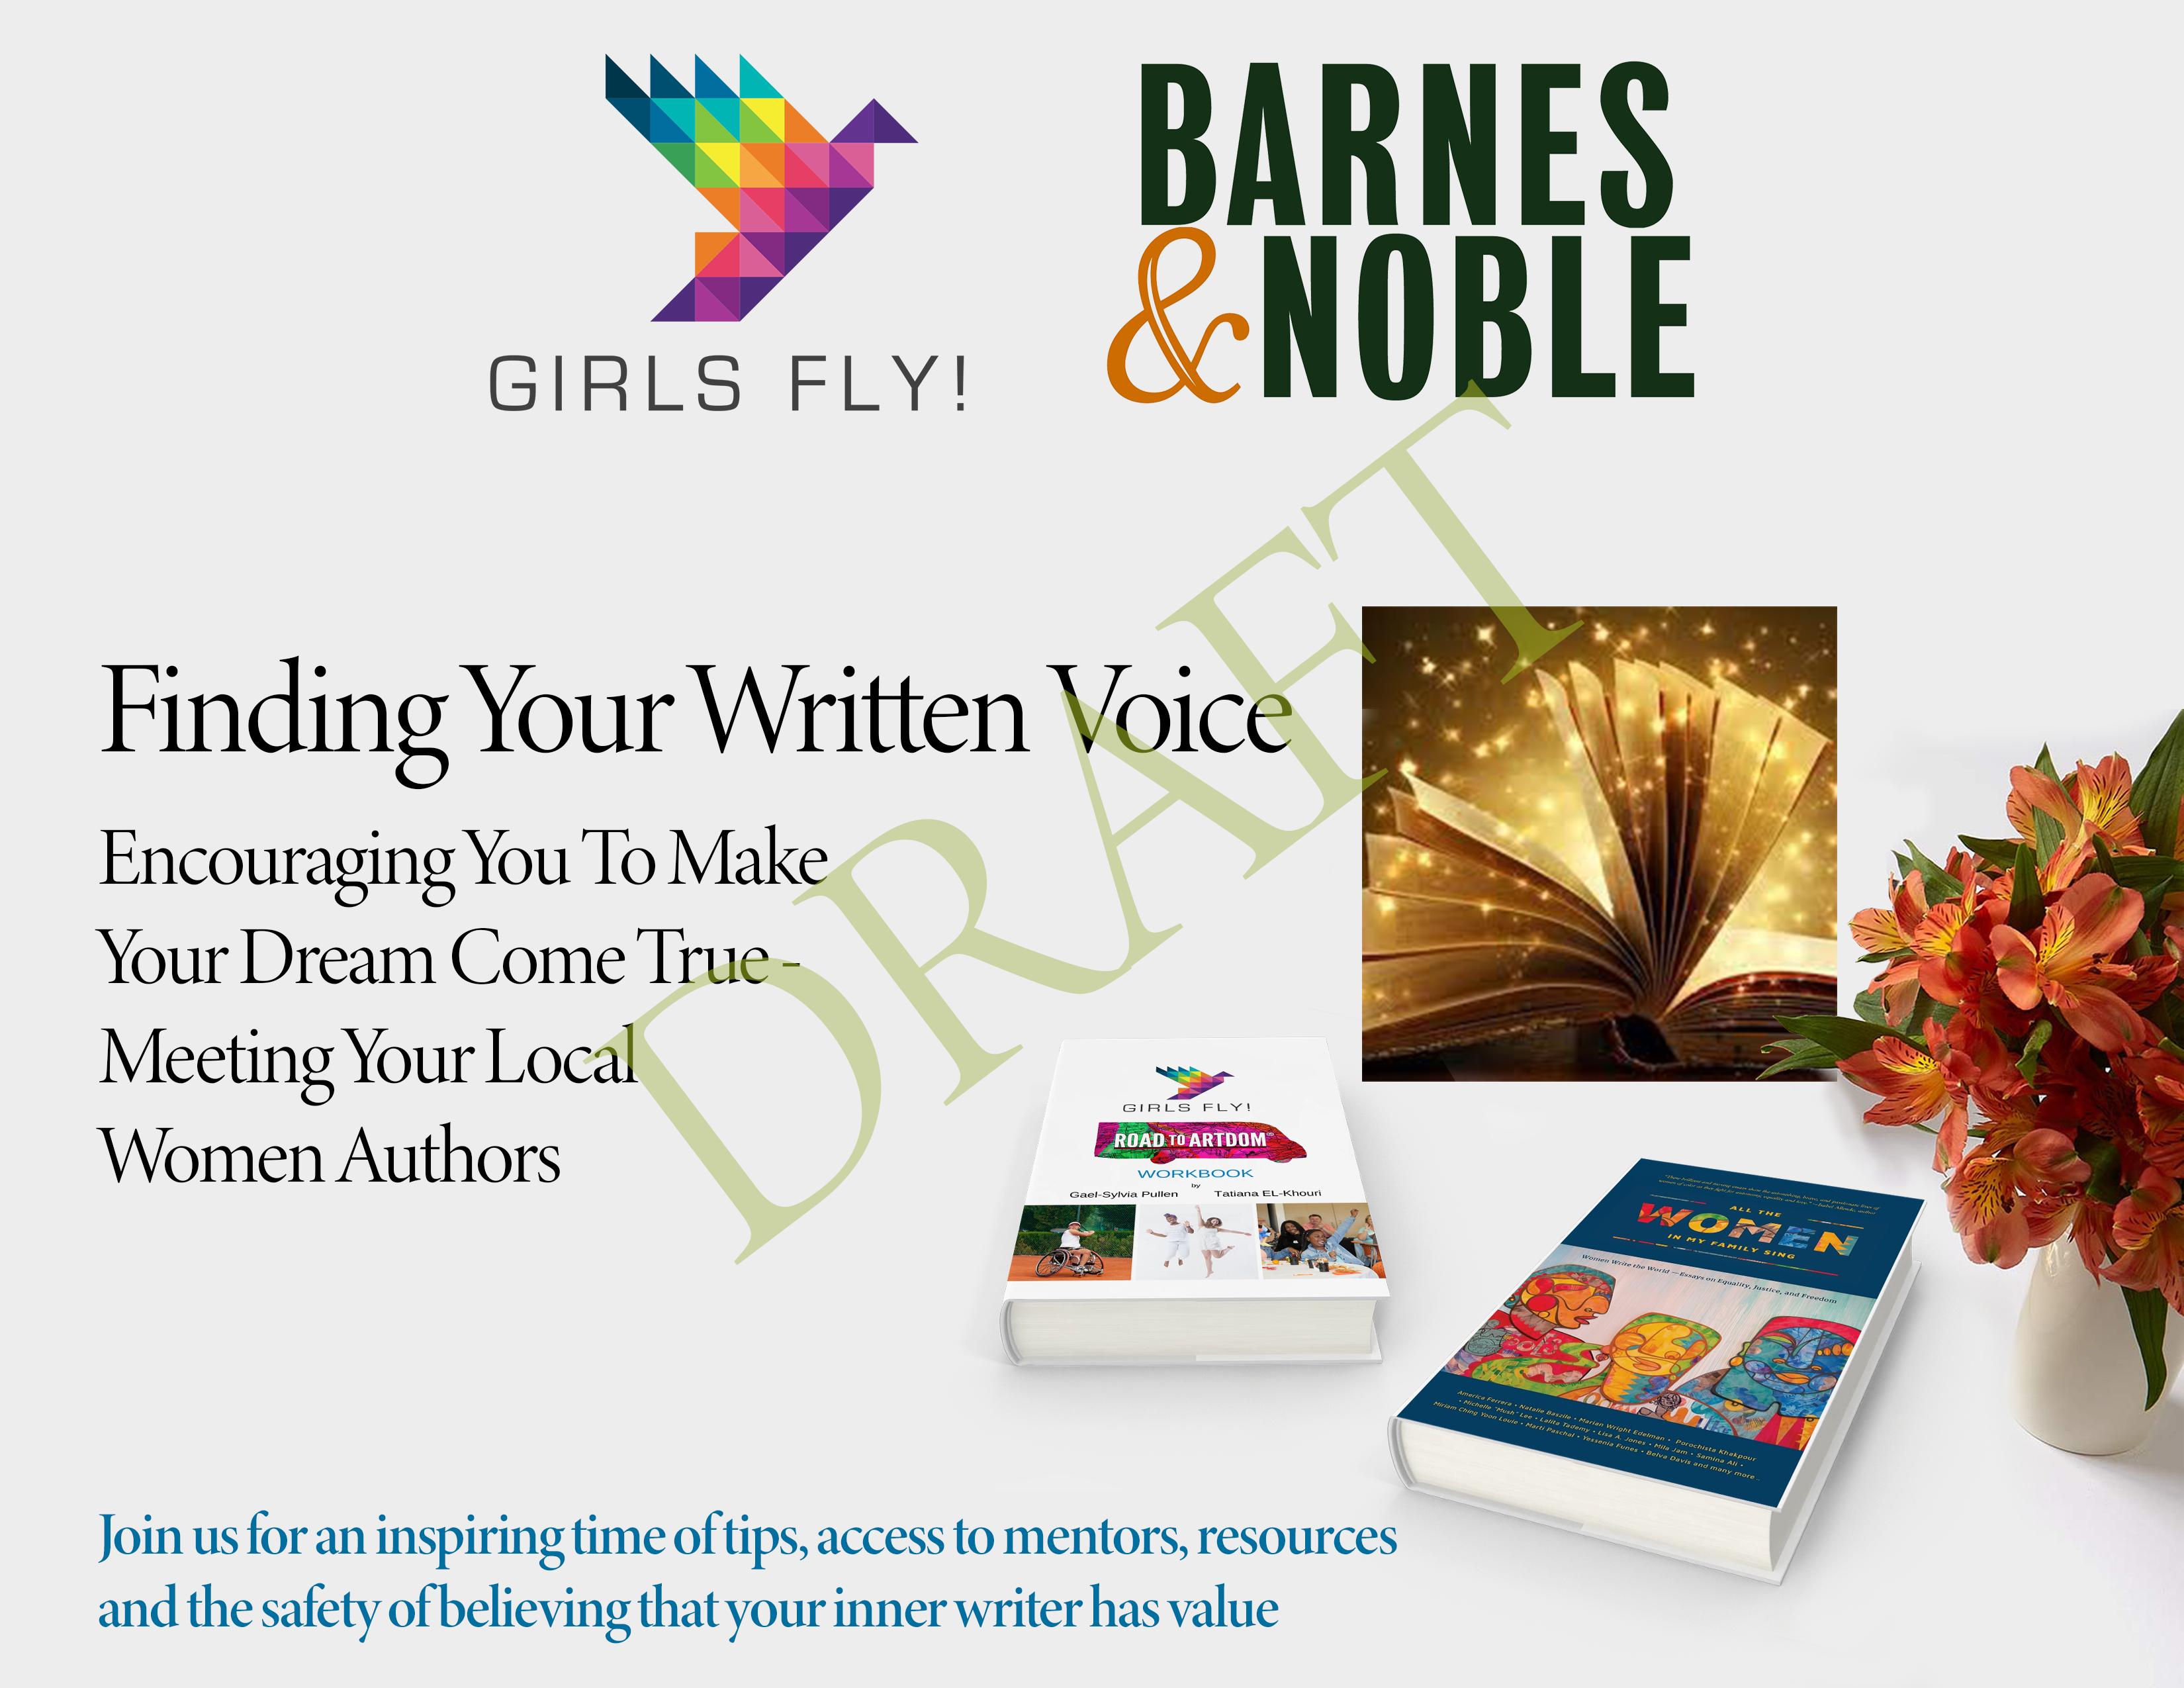 BN-girls-fly-3(1)